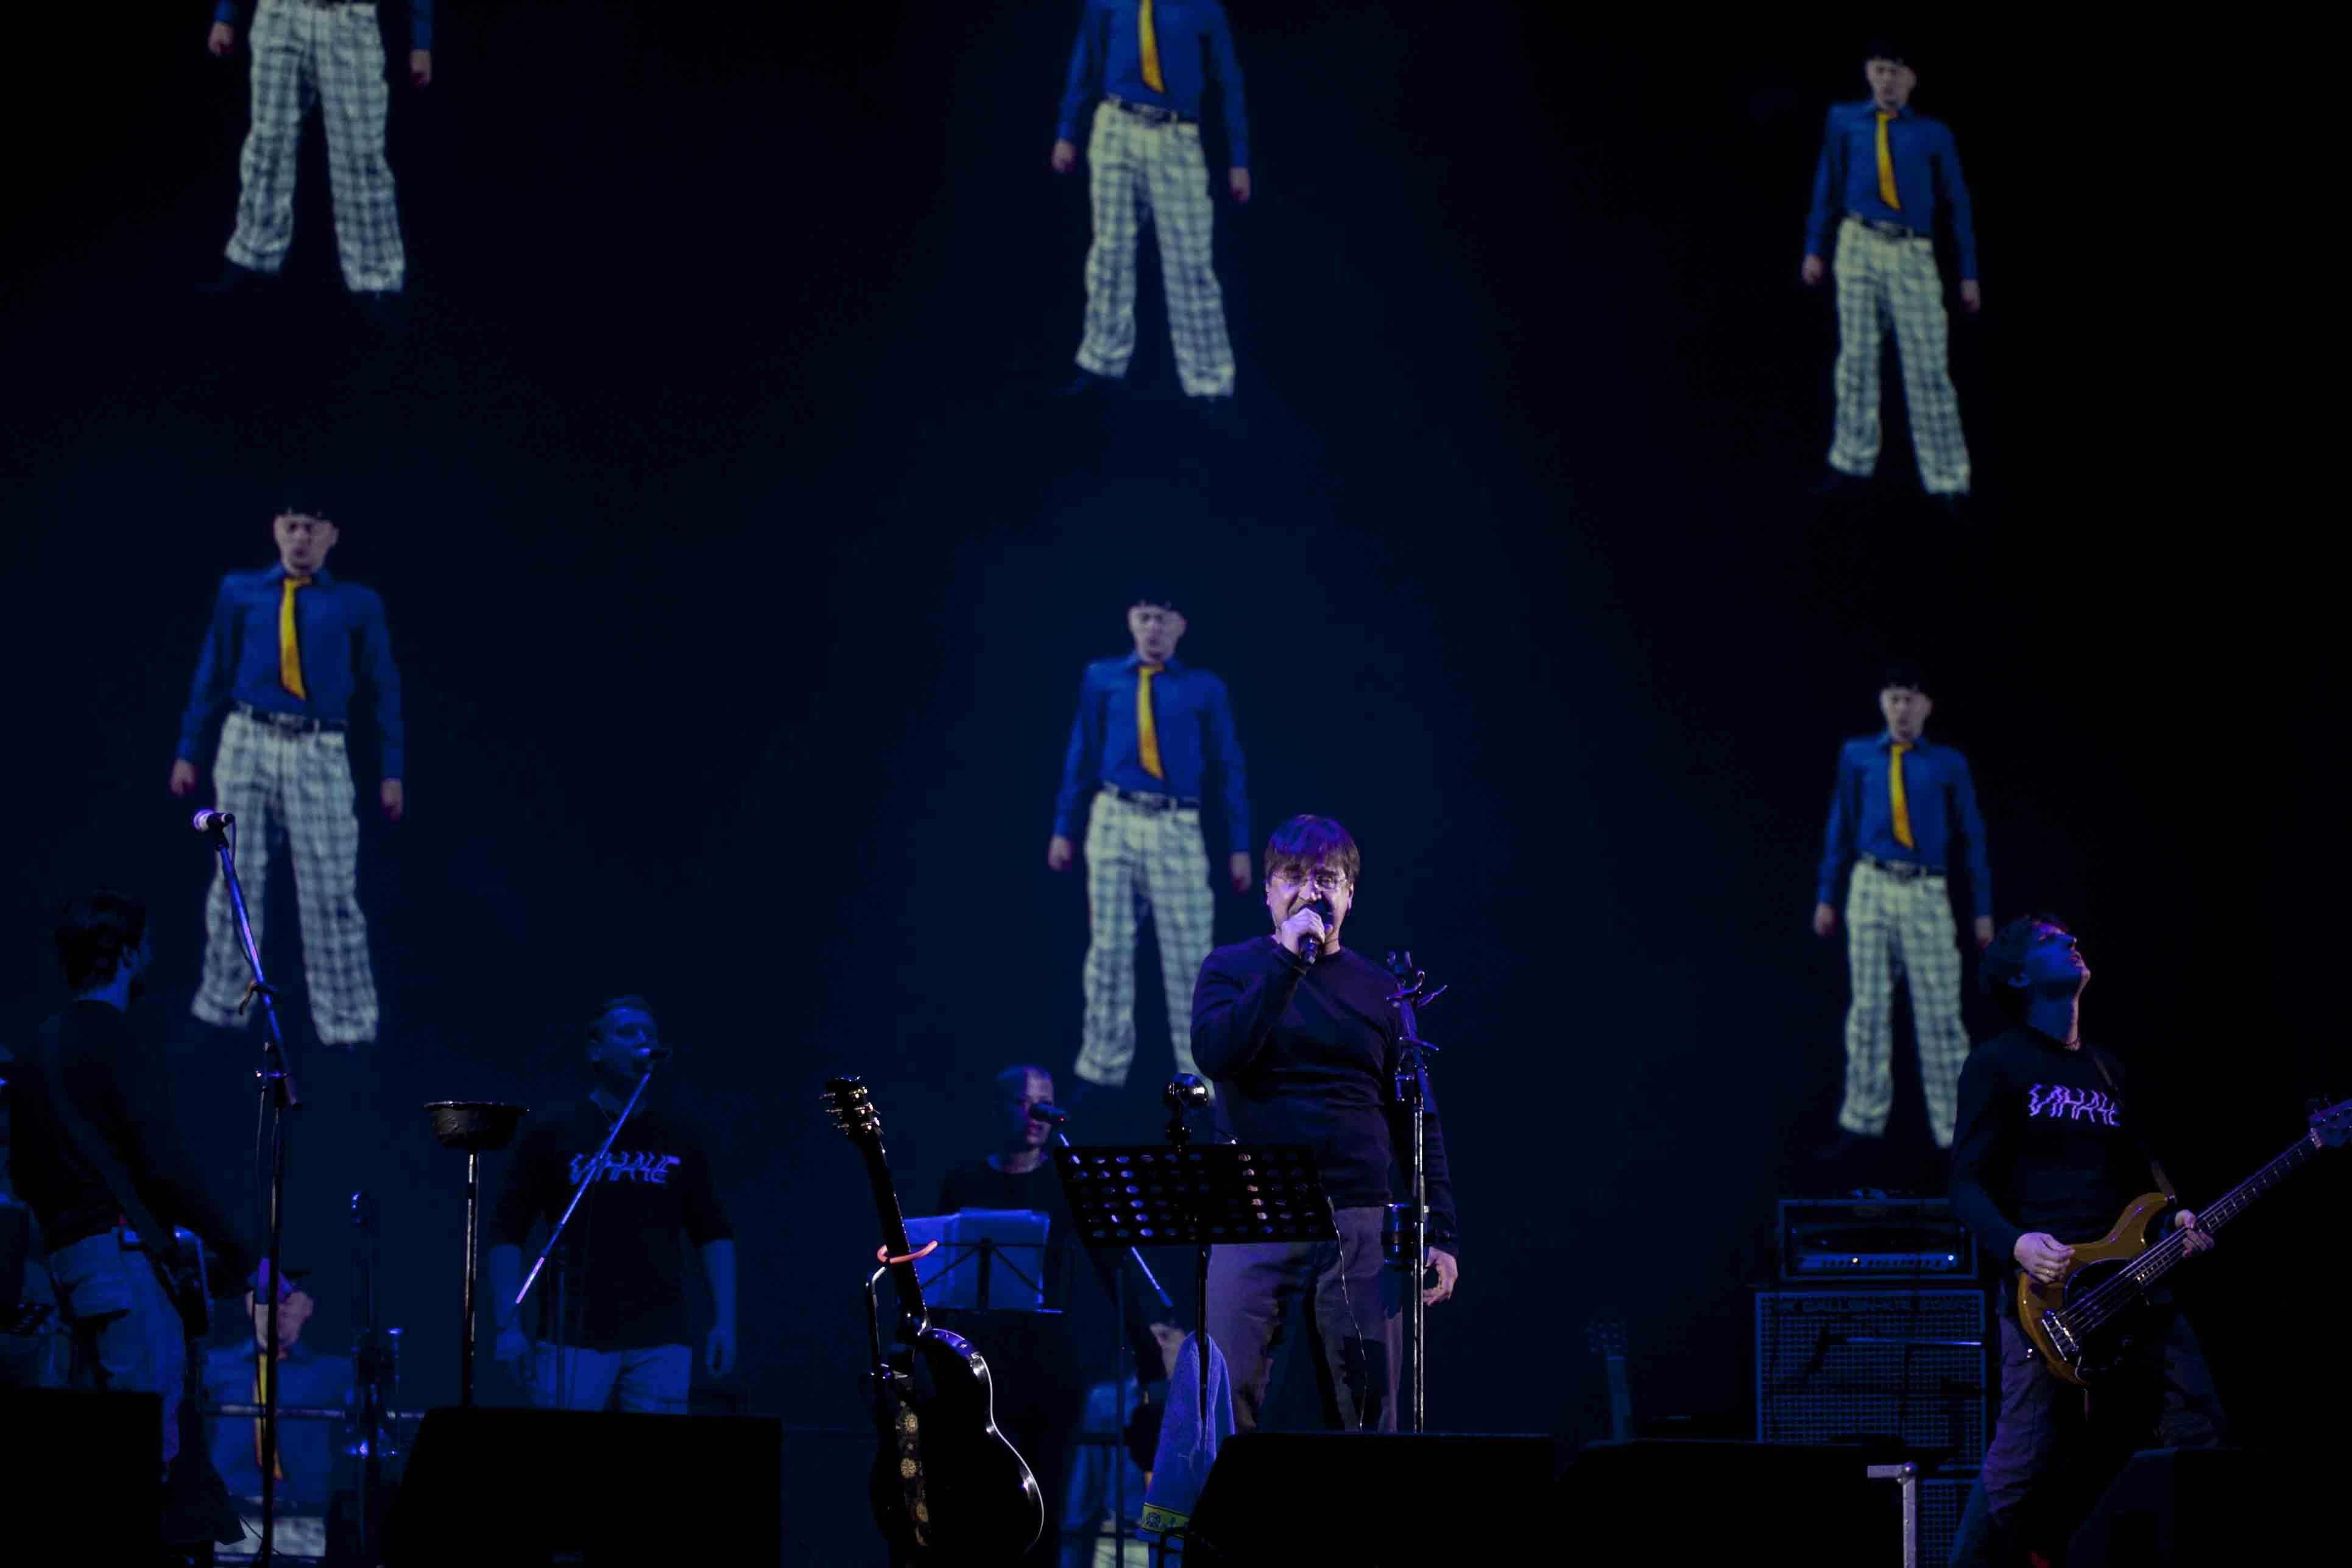 Шевчук посвятил новую песню выборам на концерте в Екатеринбурге